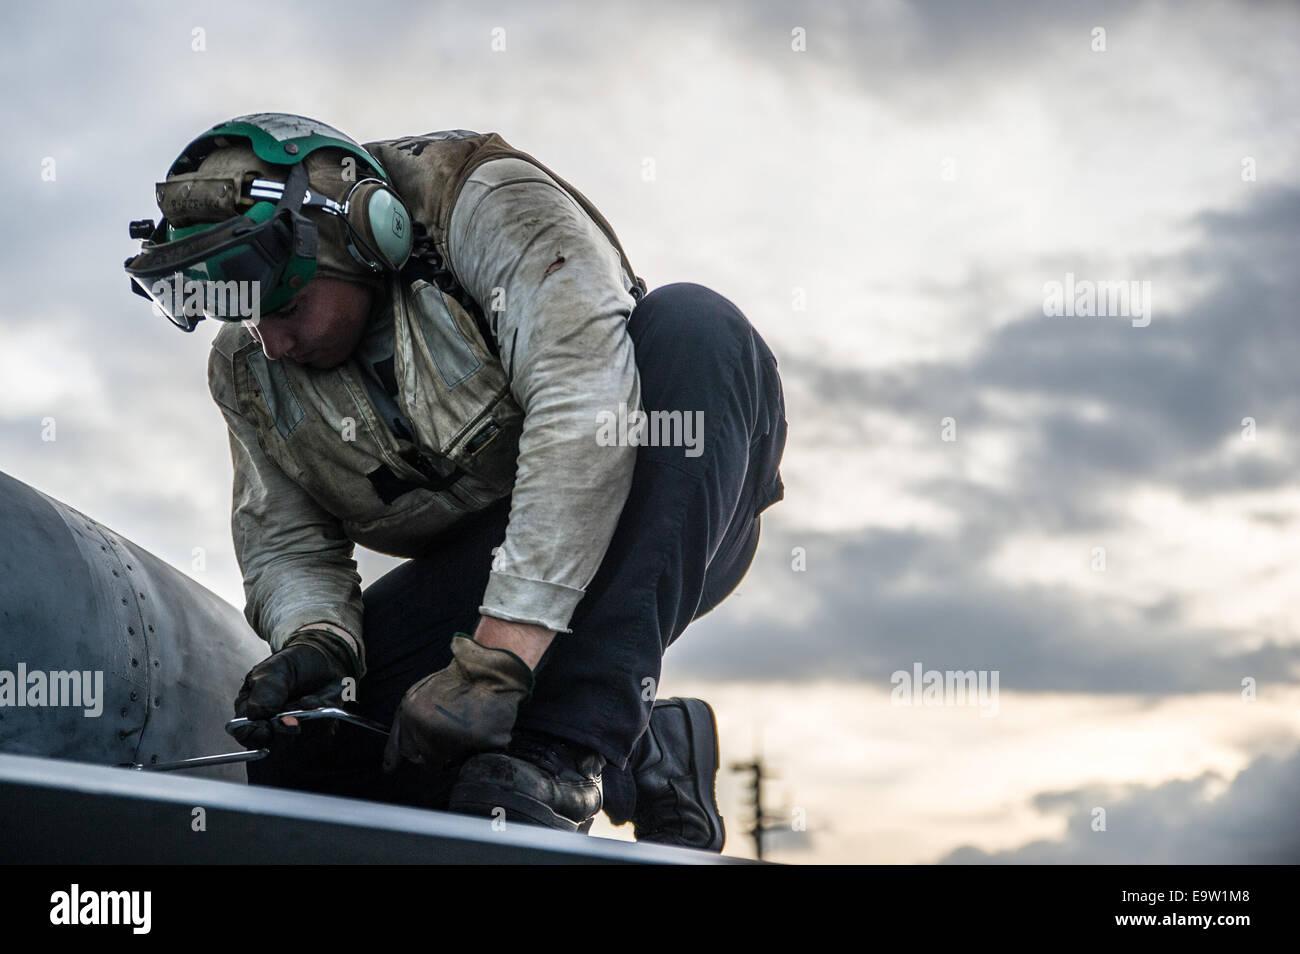 u s navy aviation machinist s mate rd class william catlin stock photo u s navy aviation machinist s mate 3rd class william catlin performs maintenance on an f a 18e super hornet aircraft assigned t